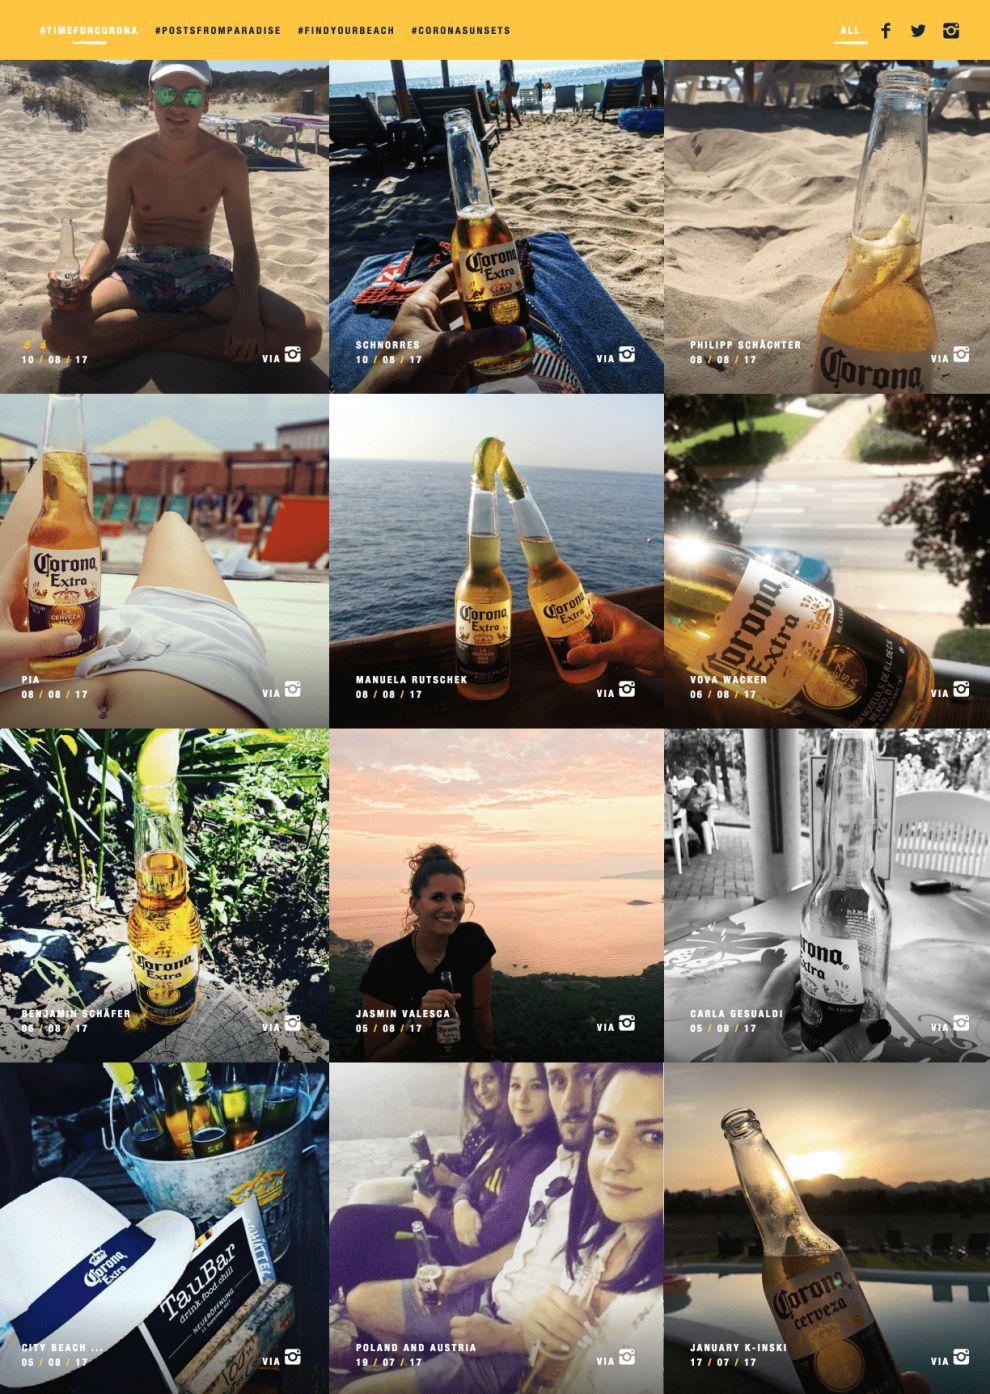 Corona.de Amazing Social Walls Page